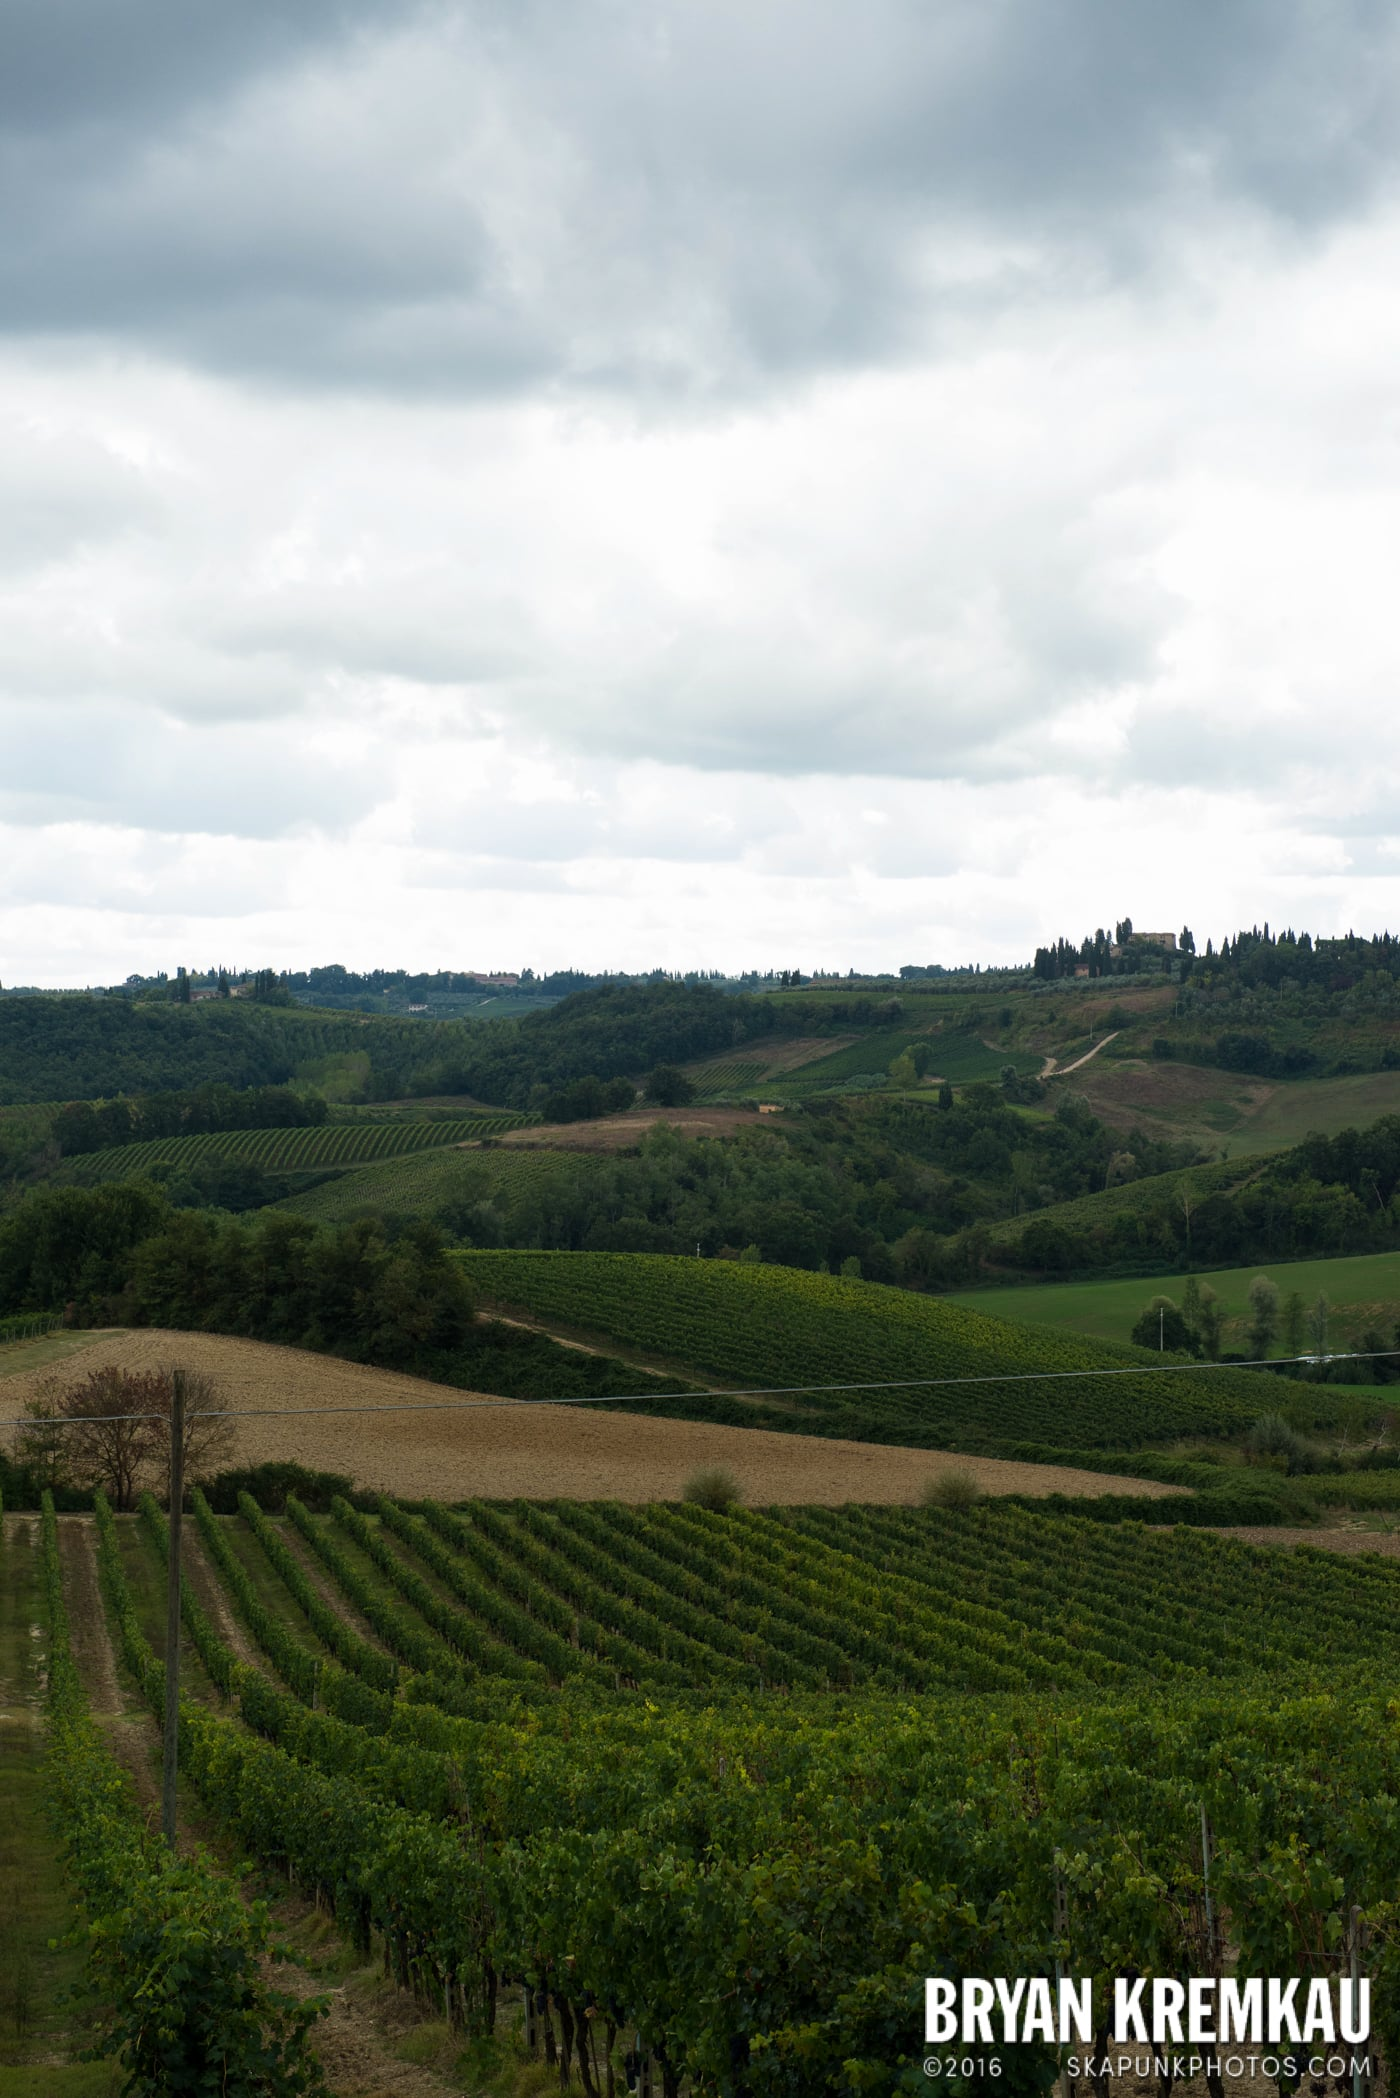 Italy Vacation - Day 8: Siena, San Gimignano, Chianti, Pisa - 9.16.13 (108)